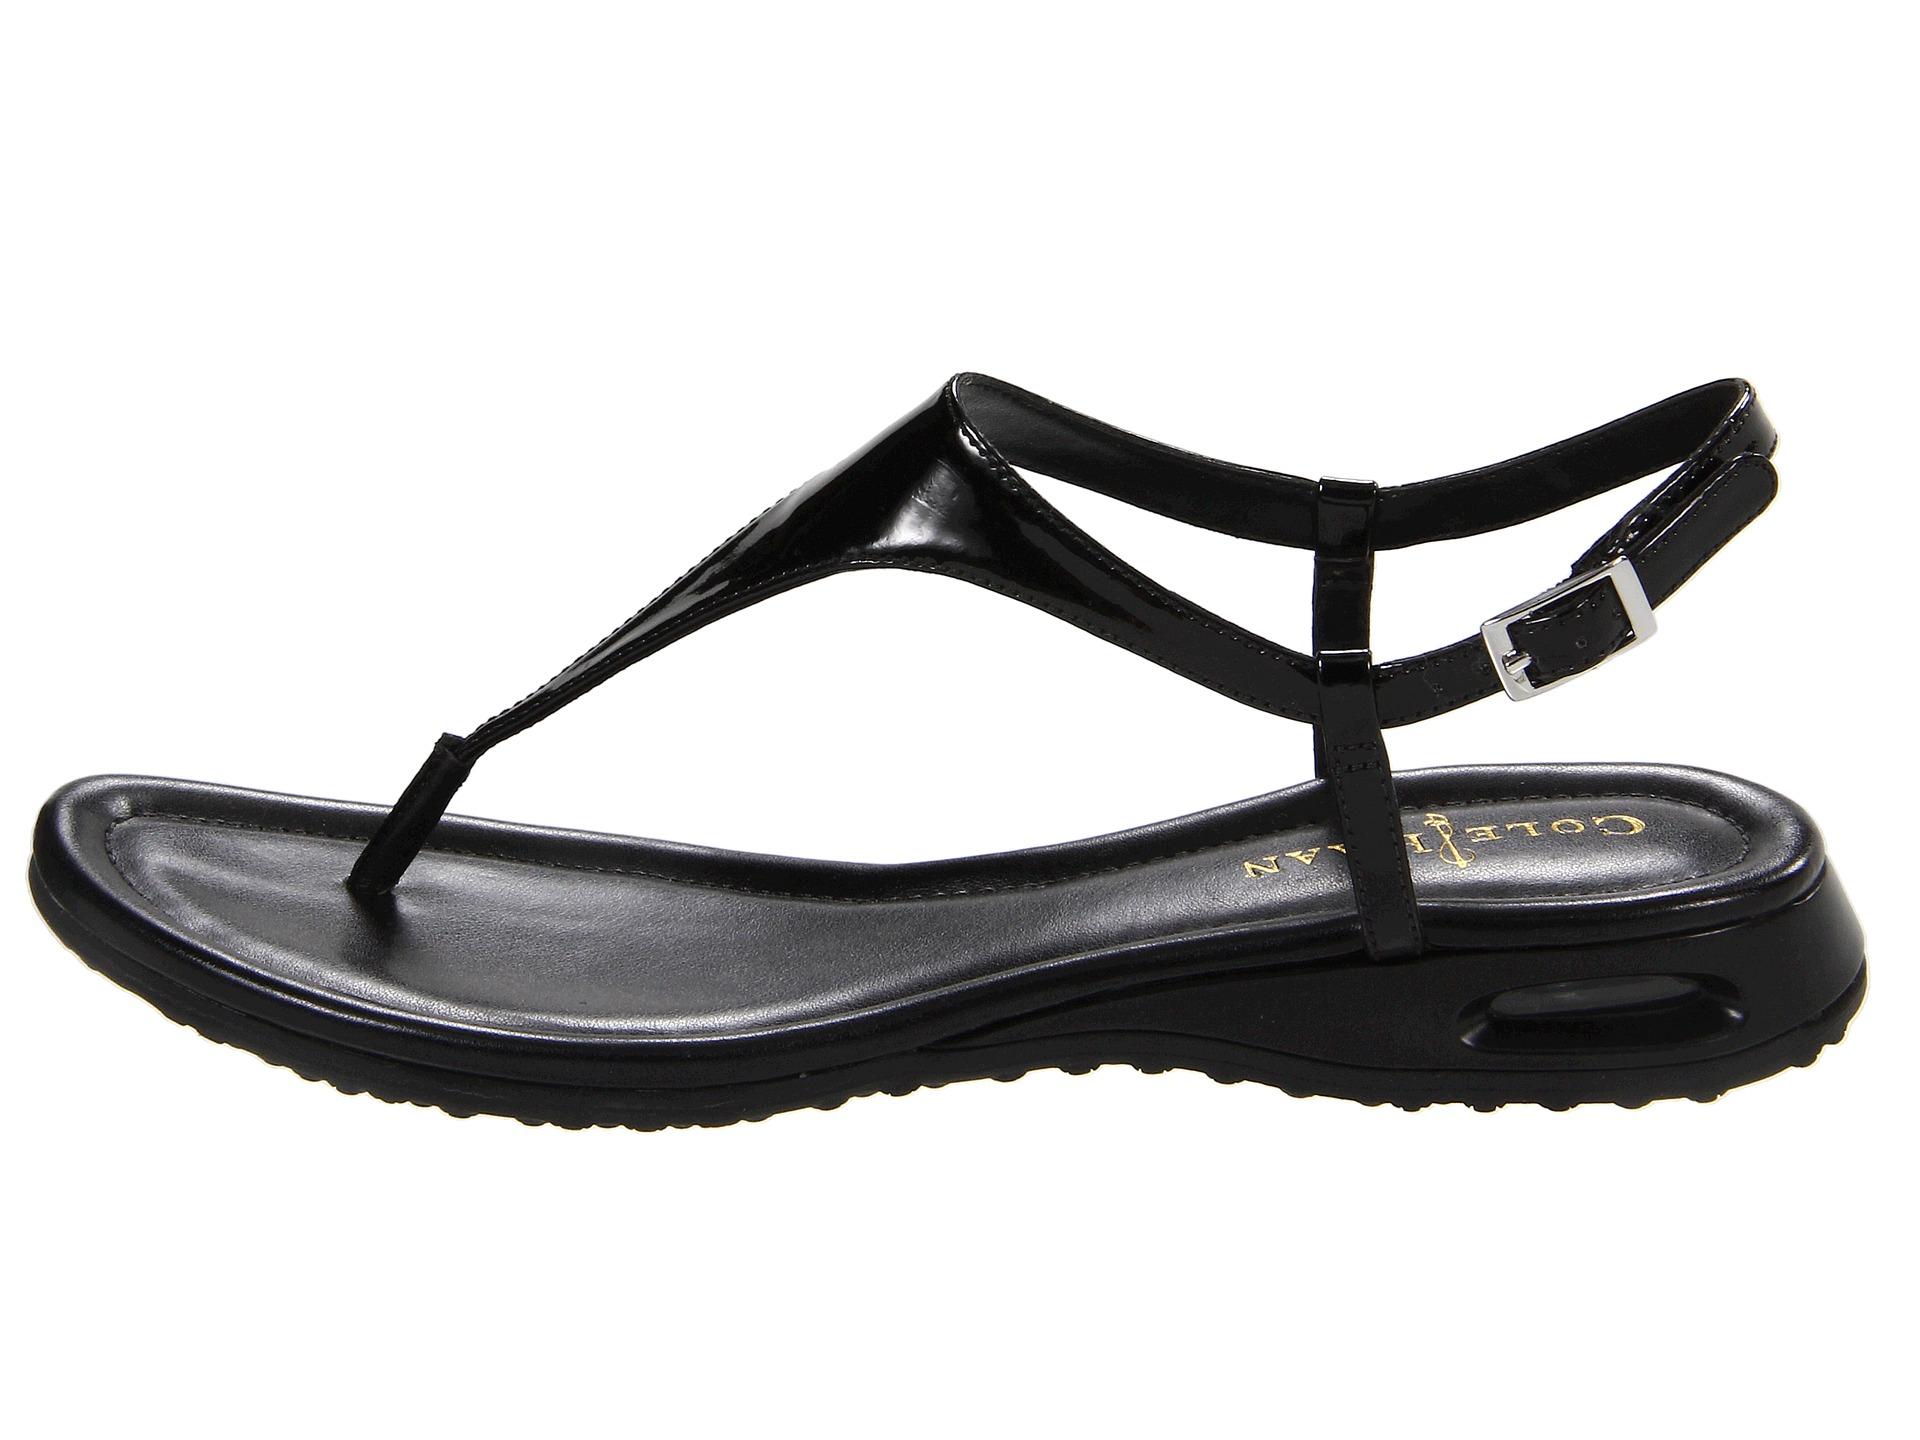 28c494ba737 Cole Haan Air Bria Thong Sandal in Black - Lyst